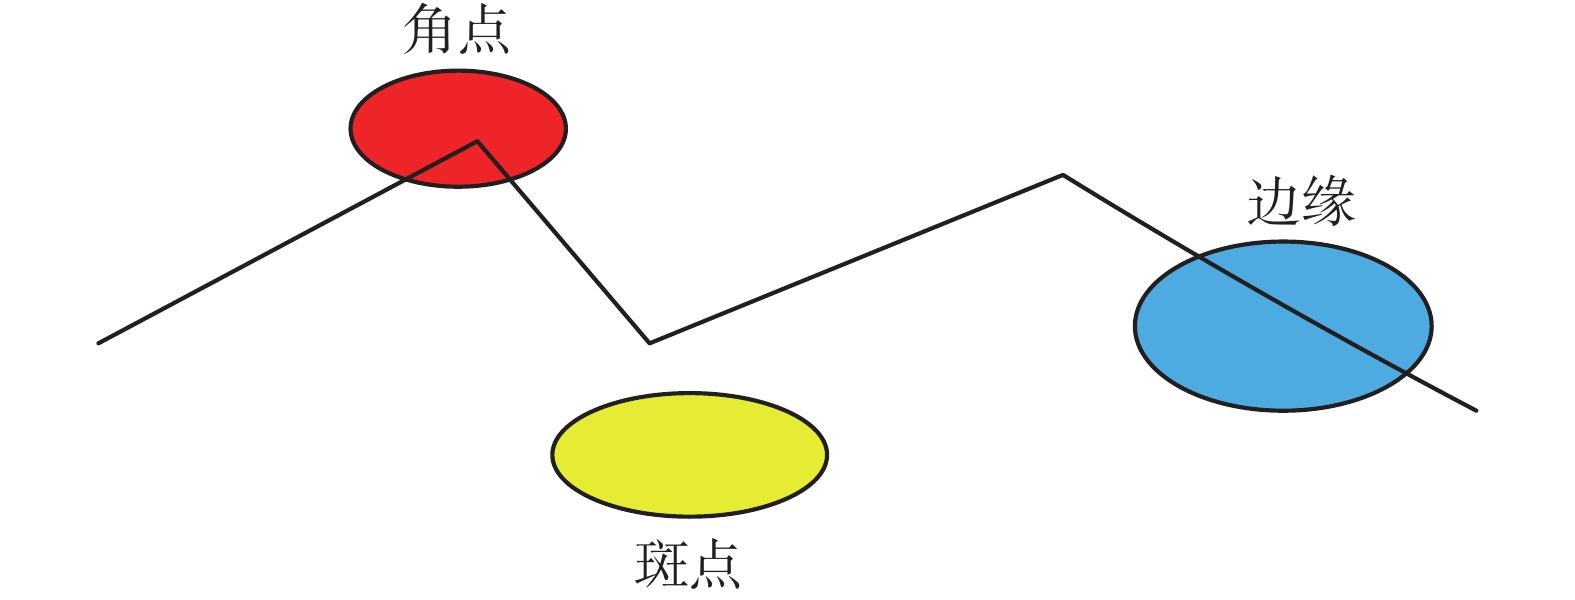 视觉同时定位与地图创建综述